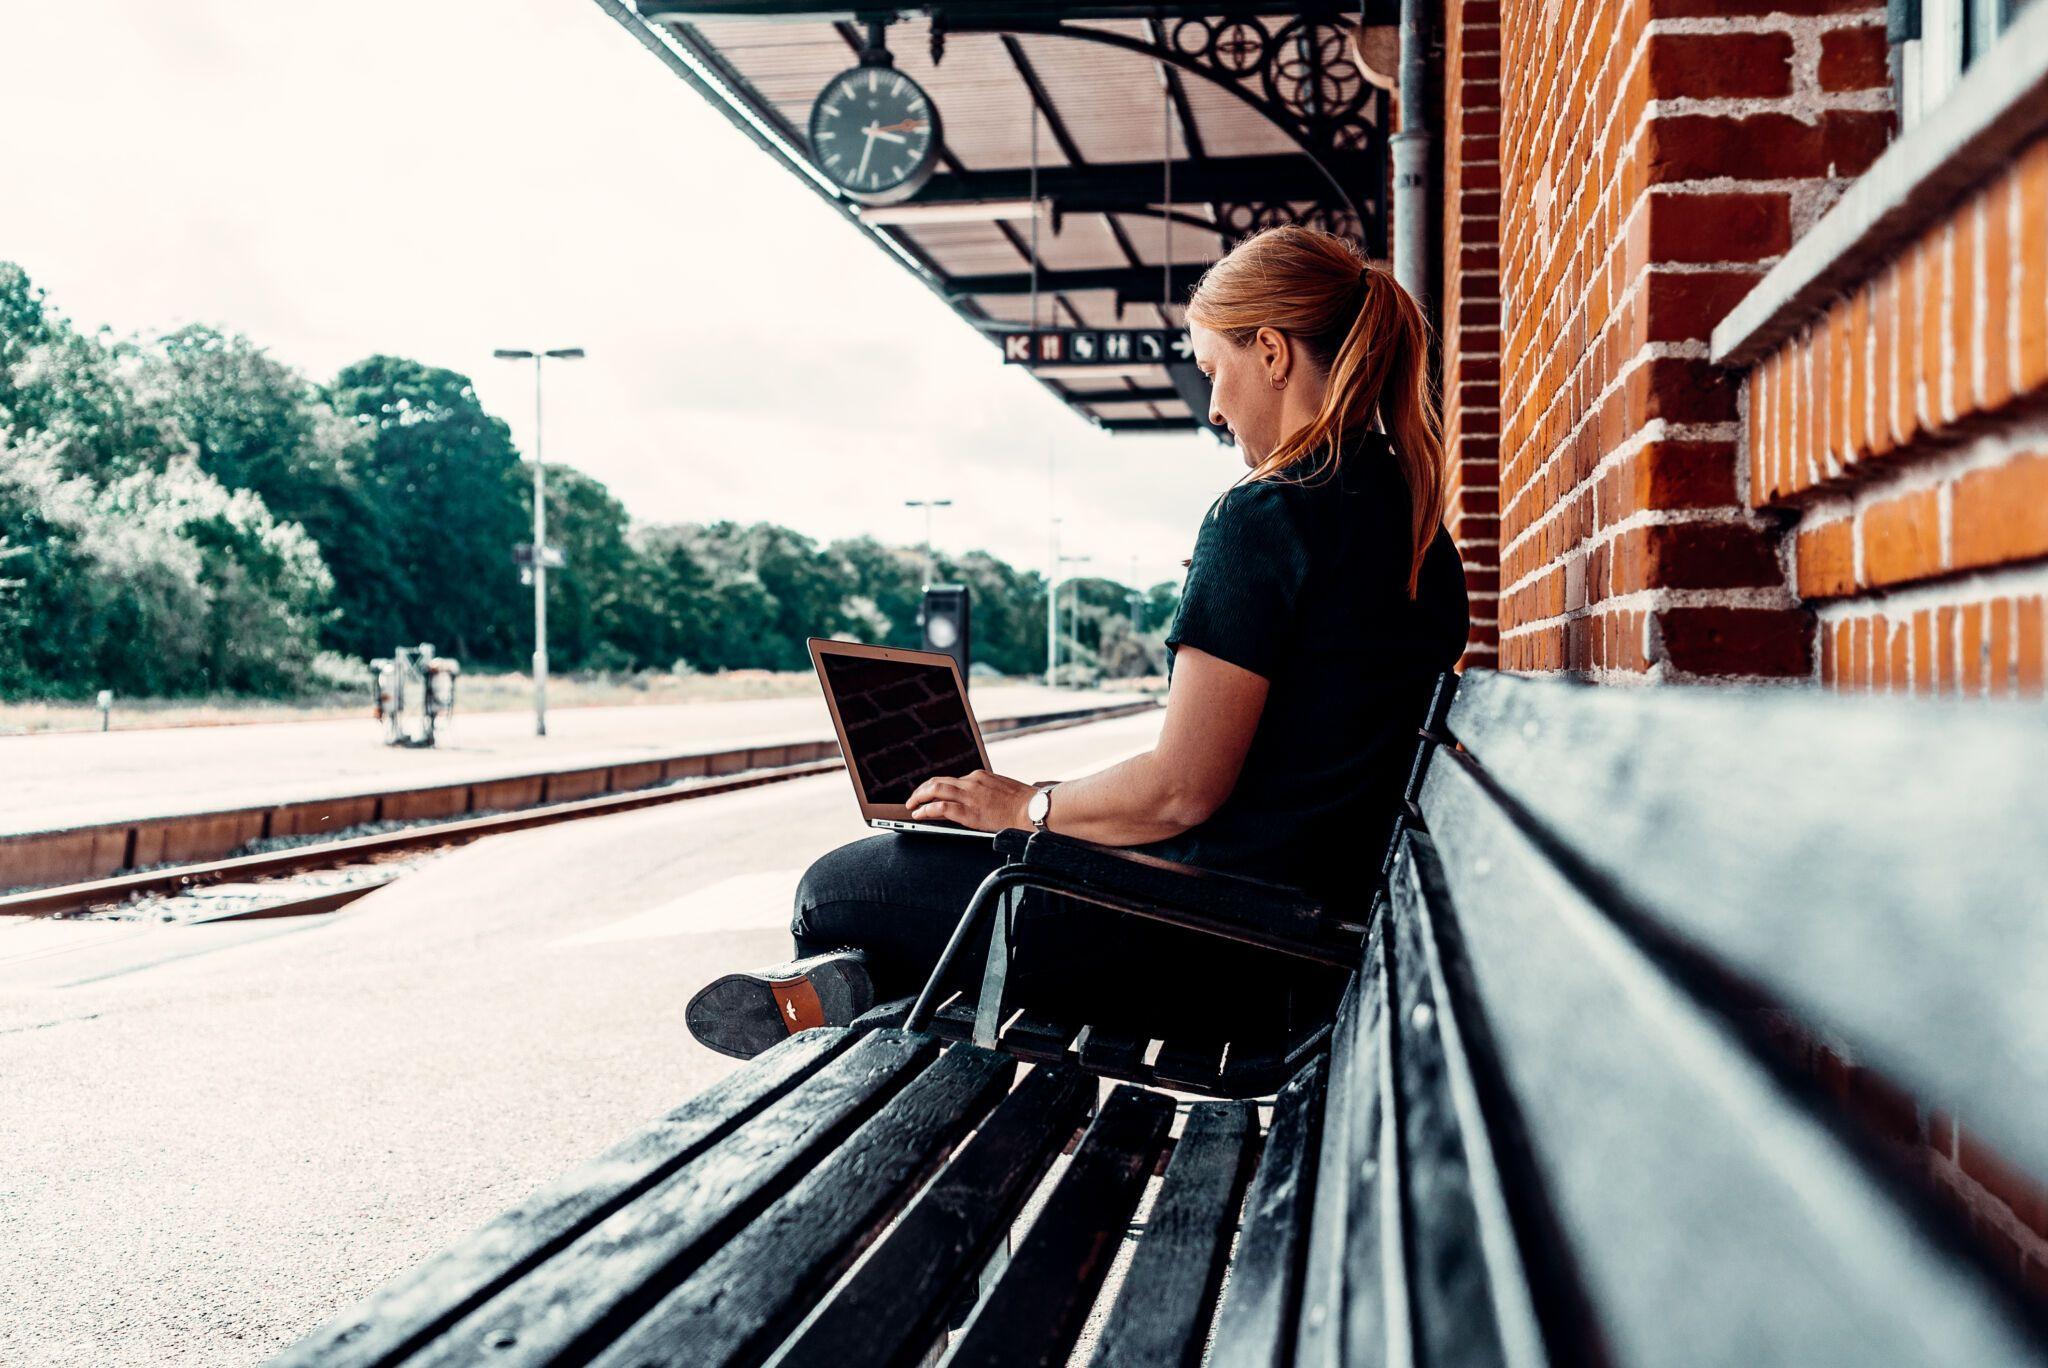 Billede af Dorte Toft siddende på en bænk på Thisted Station